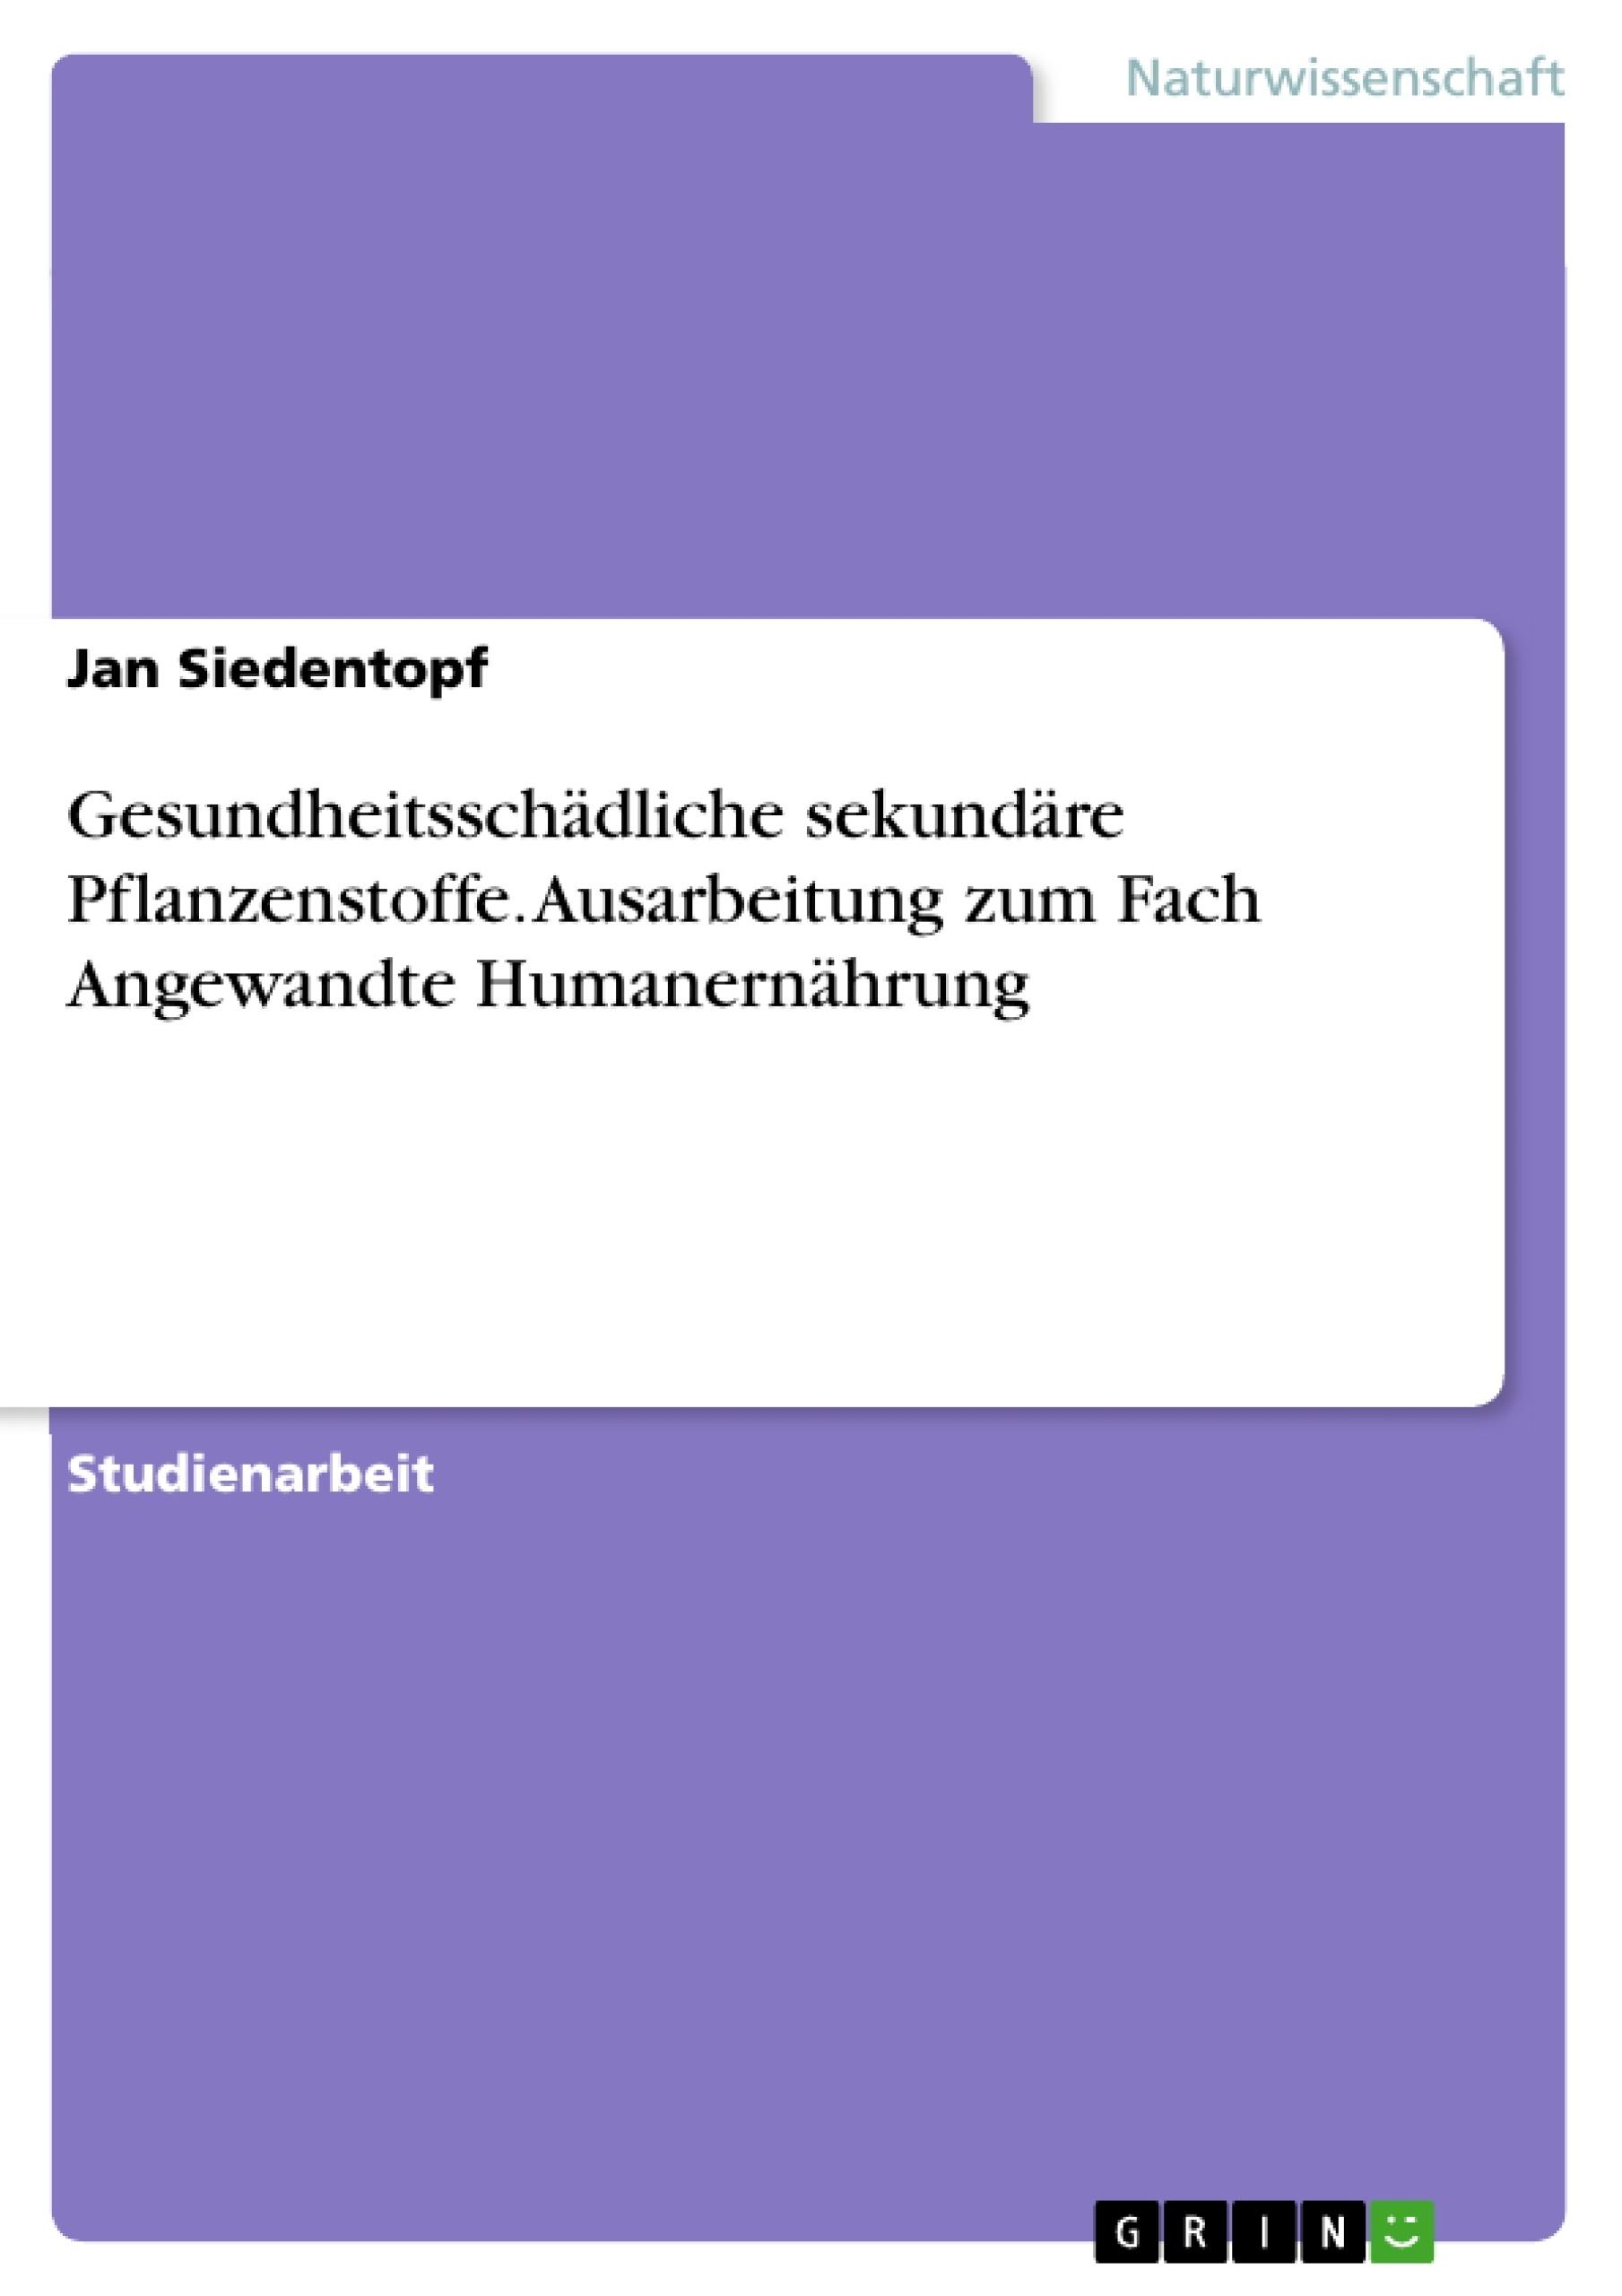 Titel: Gesundheitsschädliche sekundäre Pflanzenstoffe. Ausarbeitung zum Fach Angewandte Humanernährung